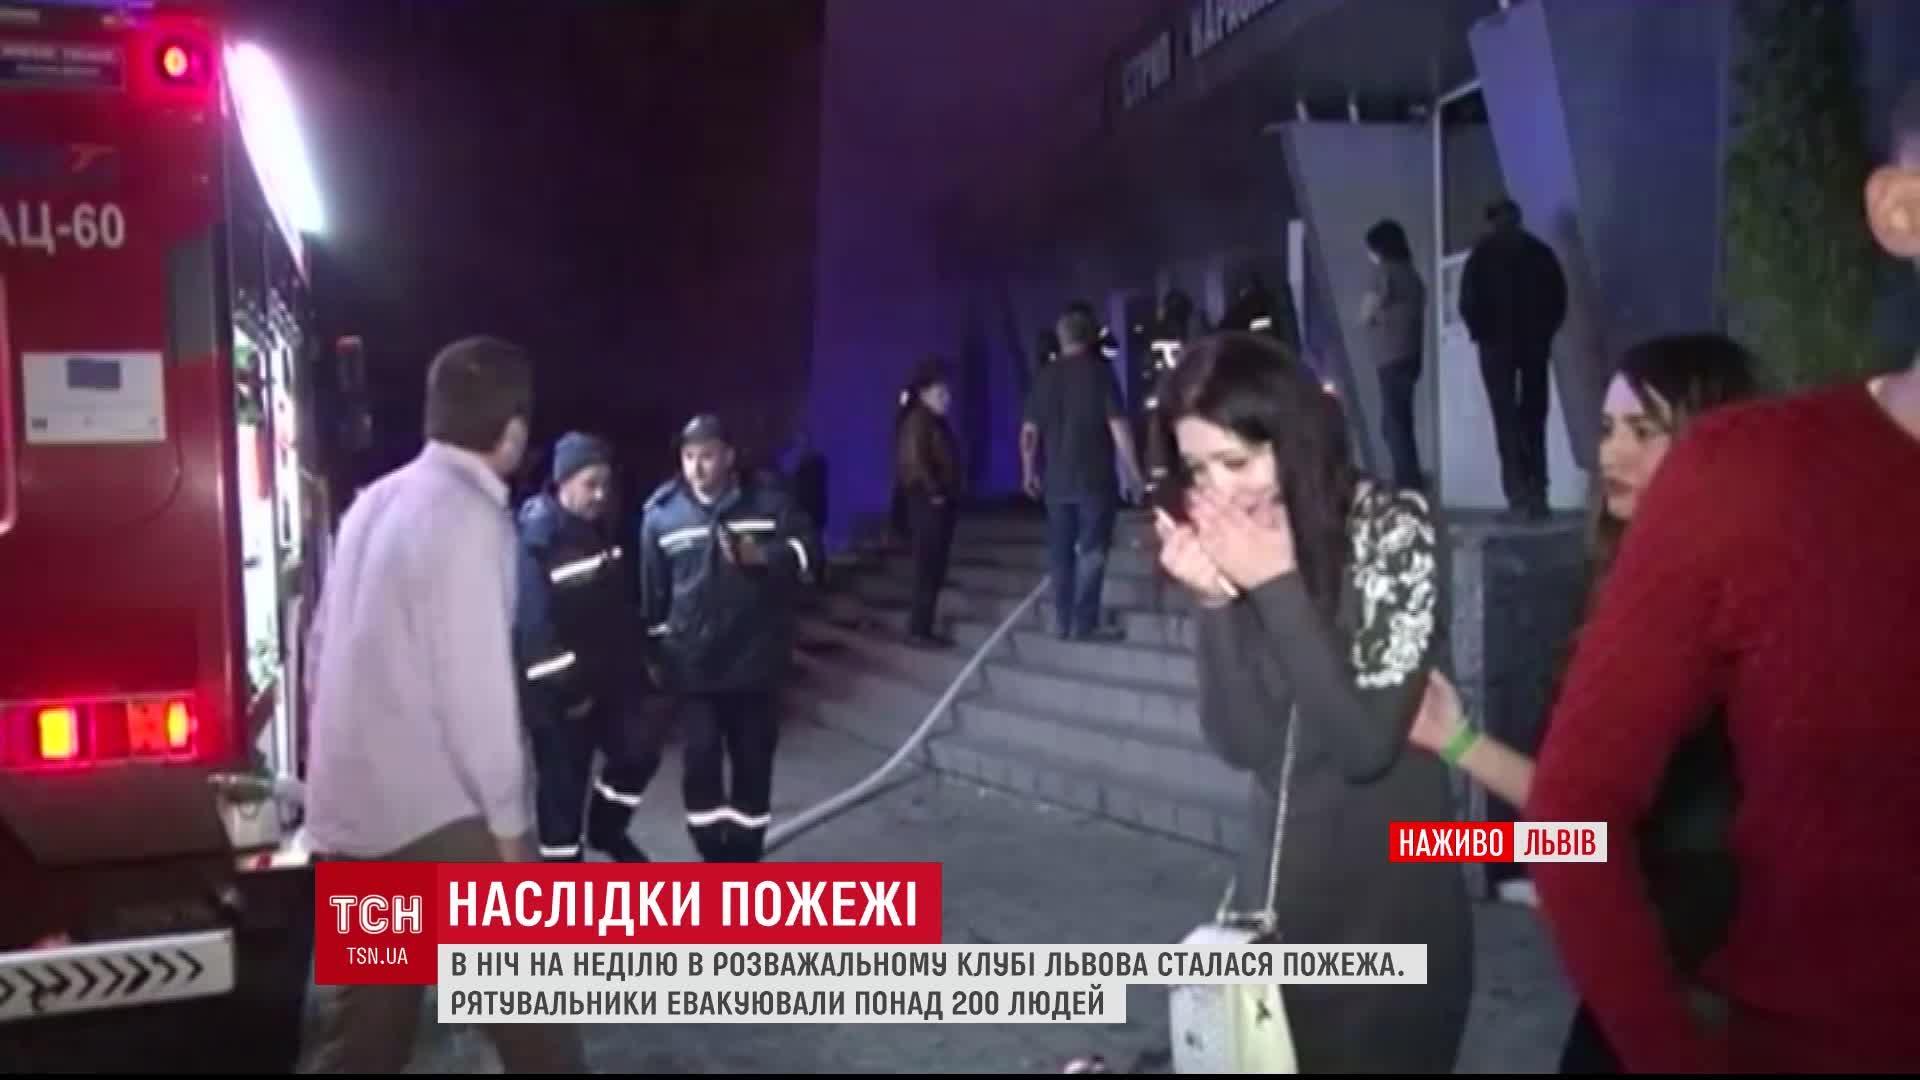 После масштабного ночного пожара в развлекательном клубе Львова 21 человек остается в больнице /